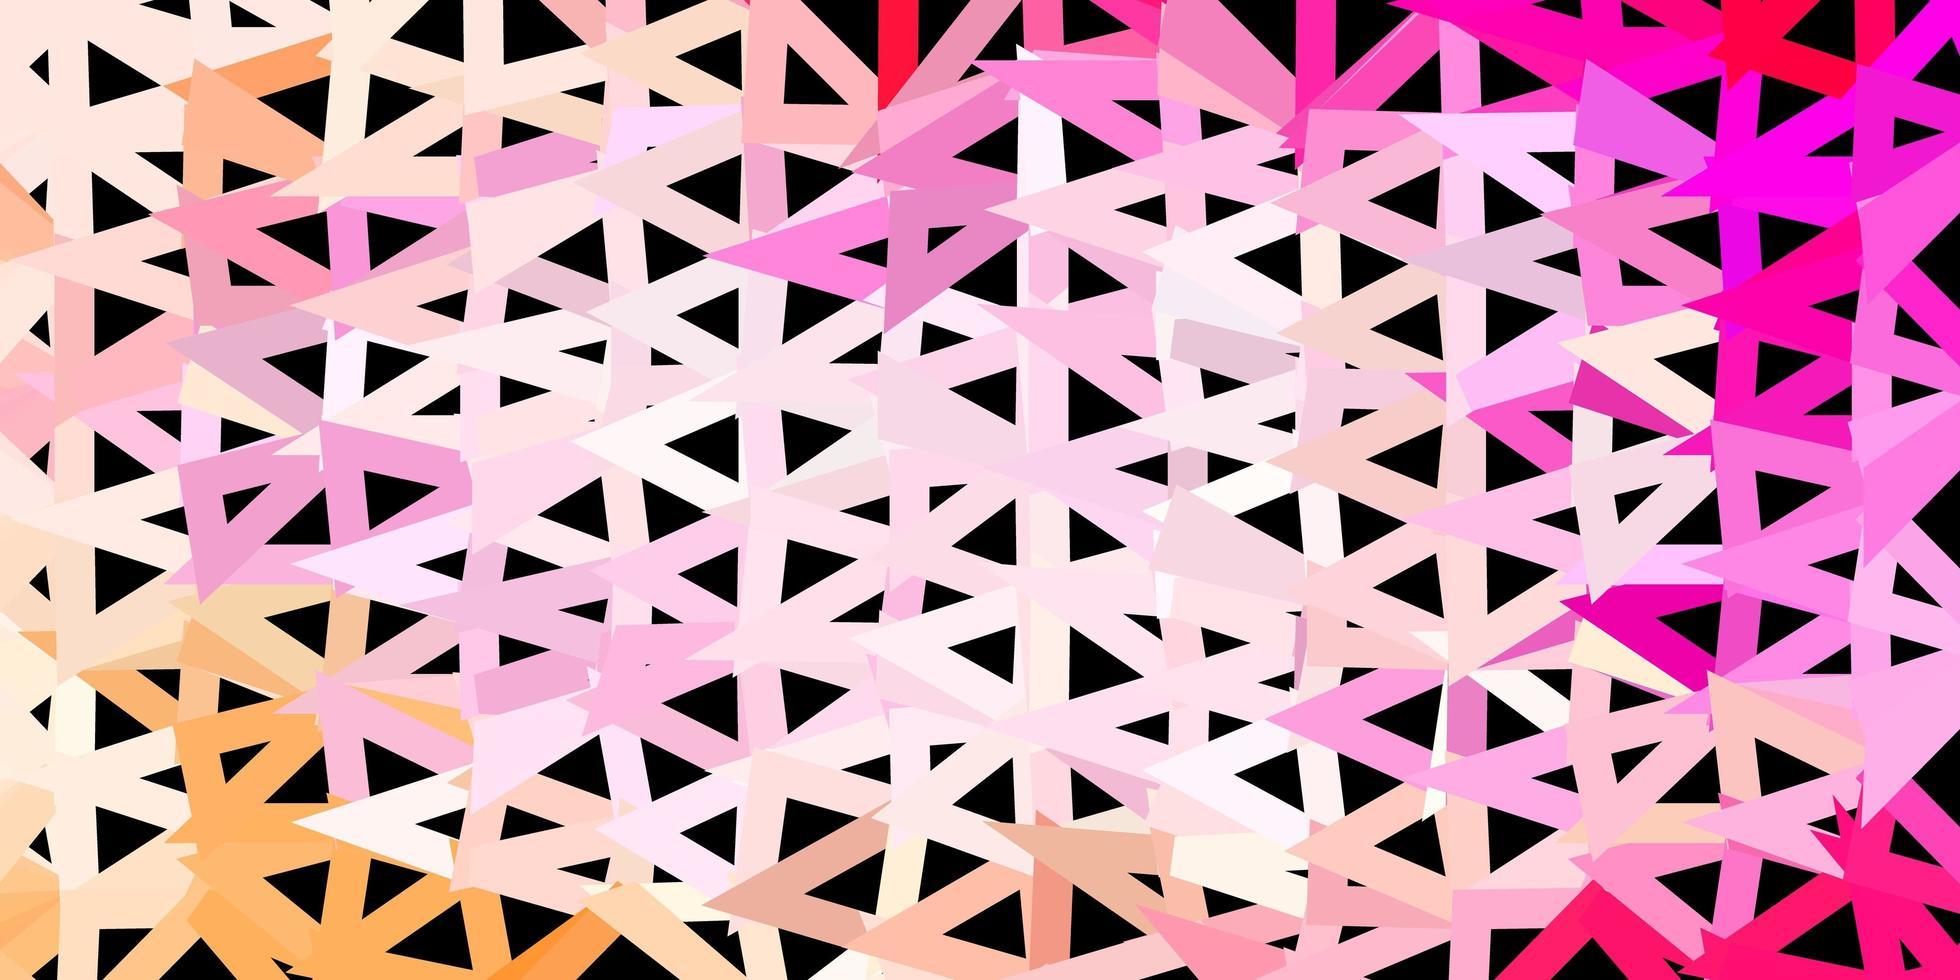 ljusrosa vektor abstrakt triangel mönster.